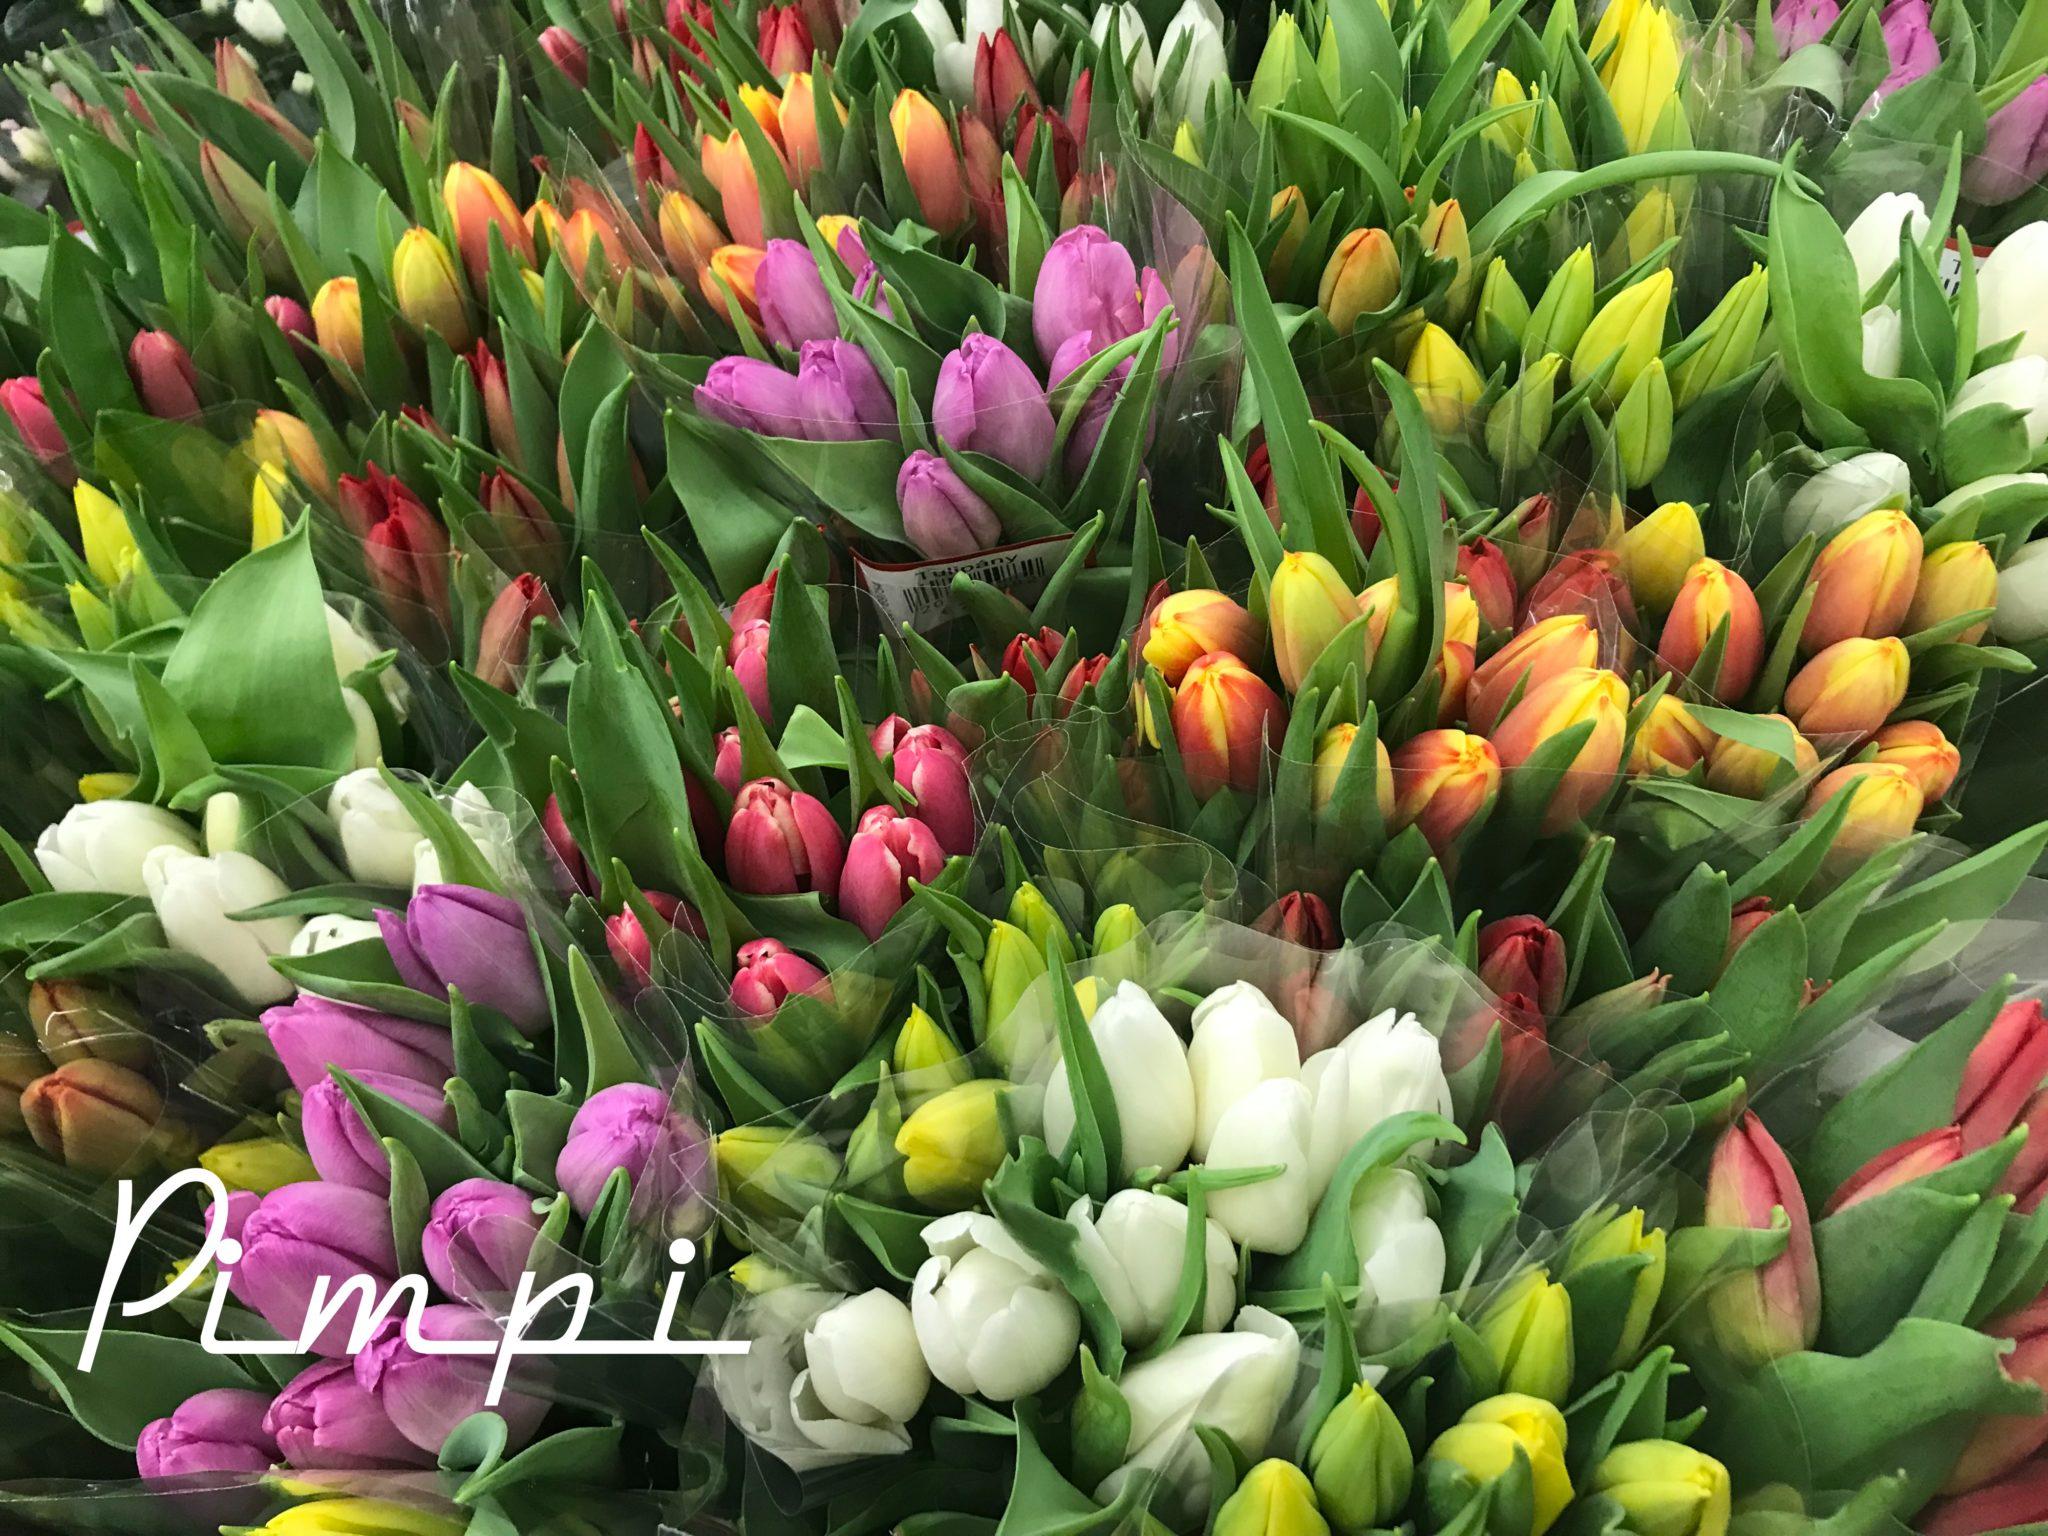 pimpi-bábo do sveta-cestuj s deťmi-mama blog-tipy-vitaj jar-jarné tipy-prechádzky-príroda-olival-kliešte-kŕmenie kačiek-upratovanie-šport-zábava